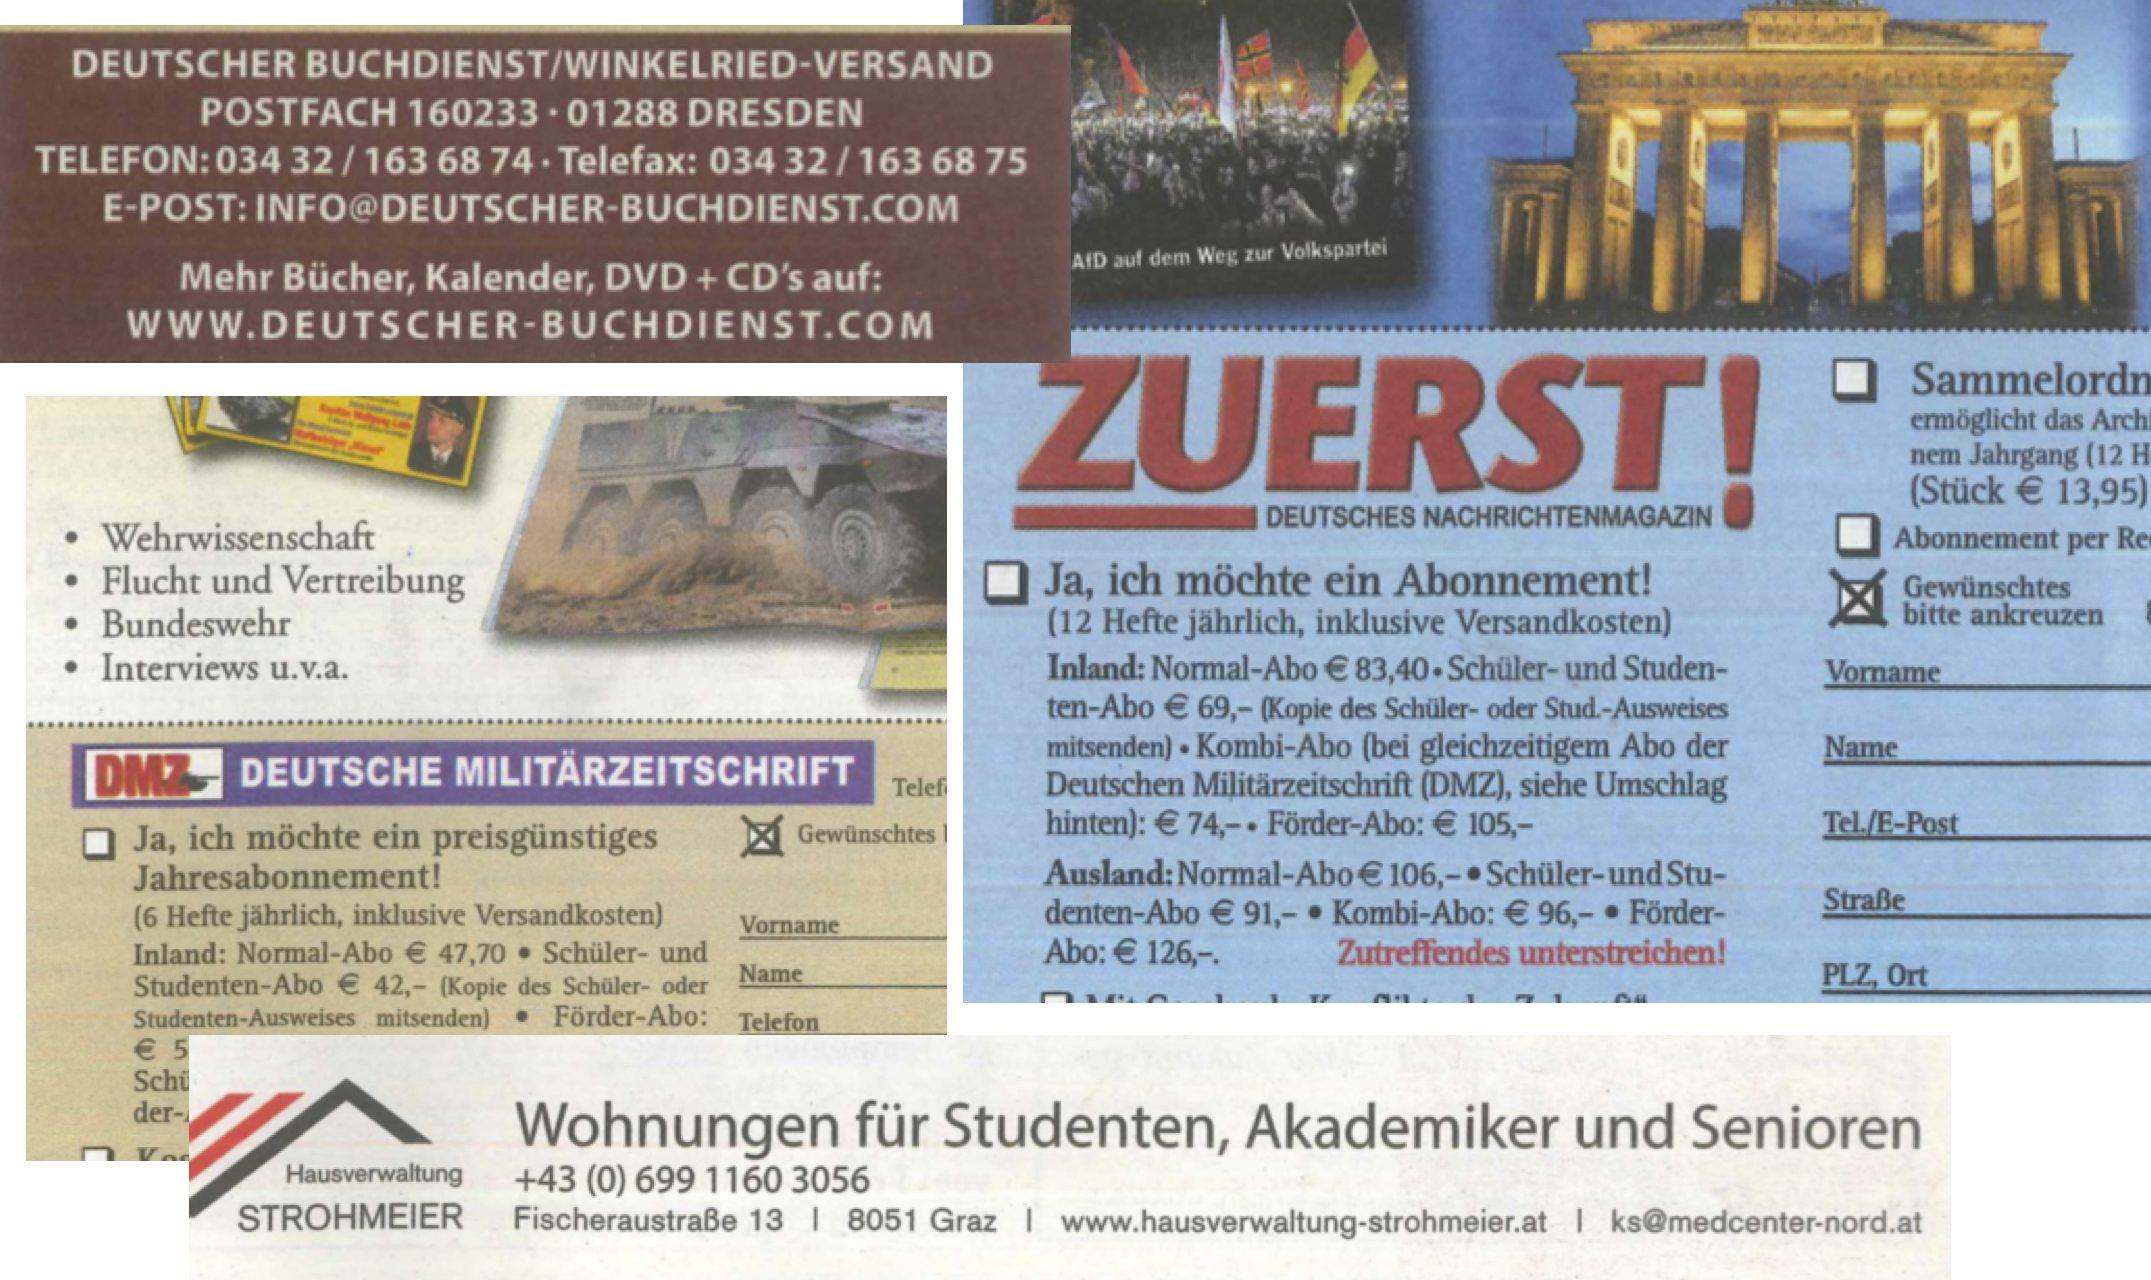 """Die Inserate in der """"Neuen Aula"""": """"Zuerst"""", Deutscher Buchdienst, Deutsche Militärzeitschrift, Hausvrwaltung Strohmeier"""